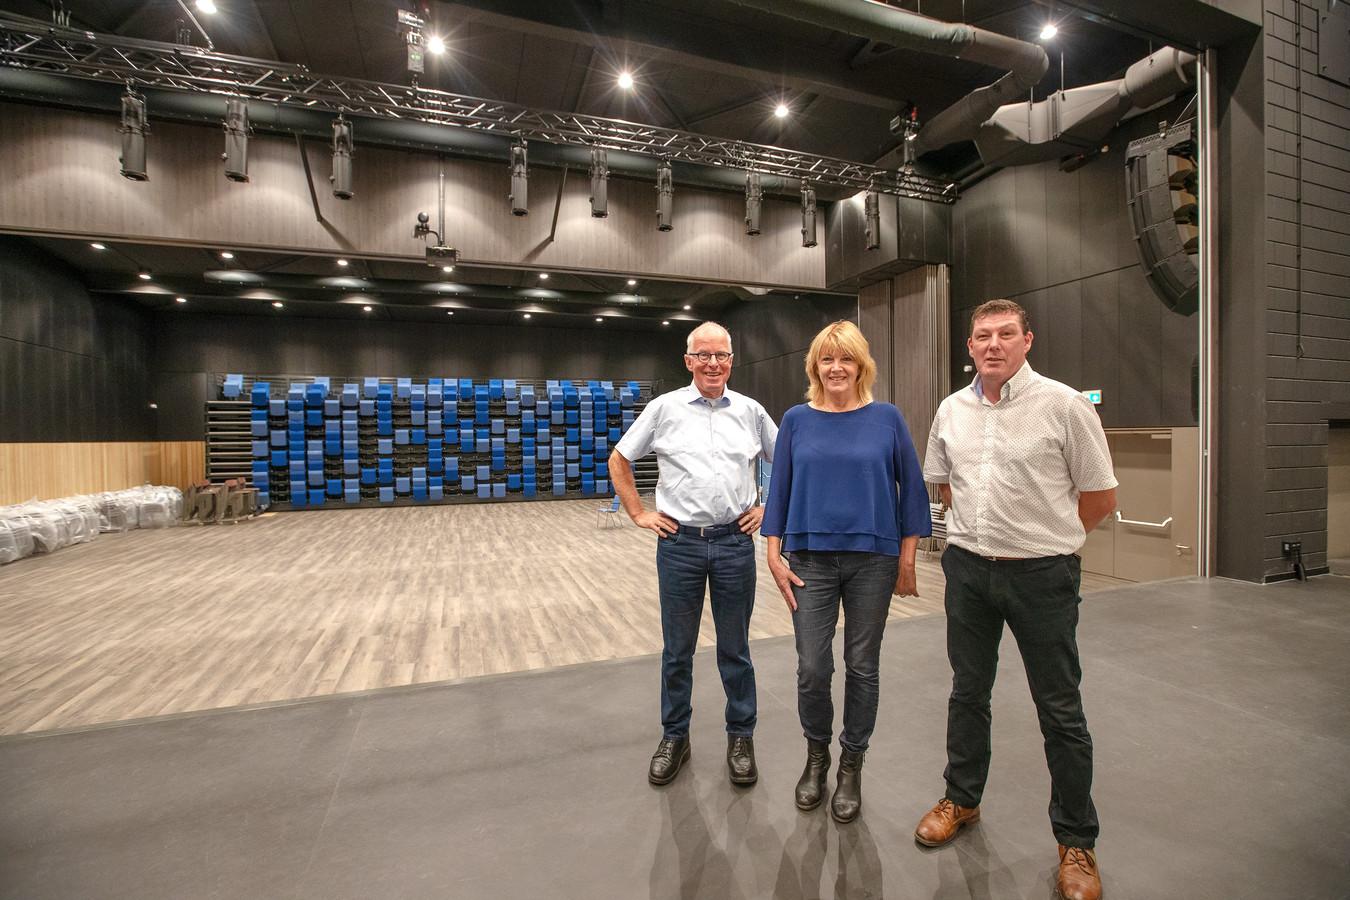 De nieuwe cultuurzaal in De Borgh in Budel. Van links naar rechts de bestuursleden: Ton van de Laar, Inge Rensen en Geert Thielen.